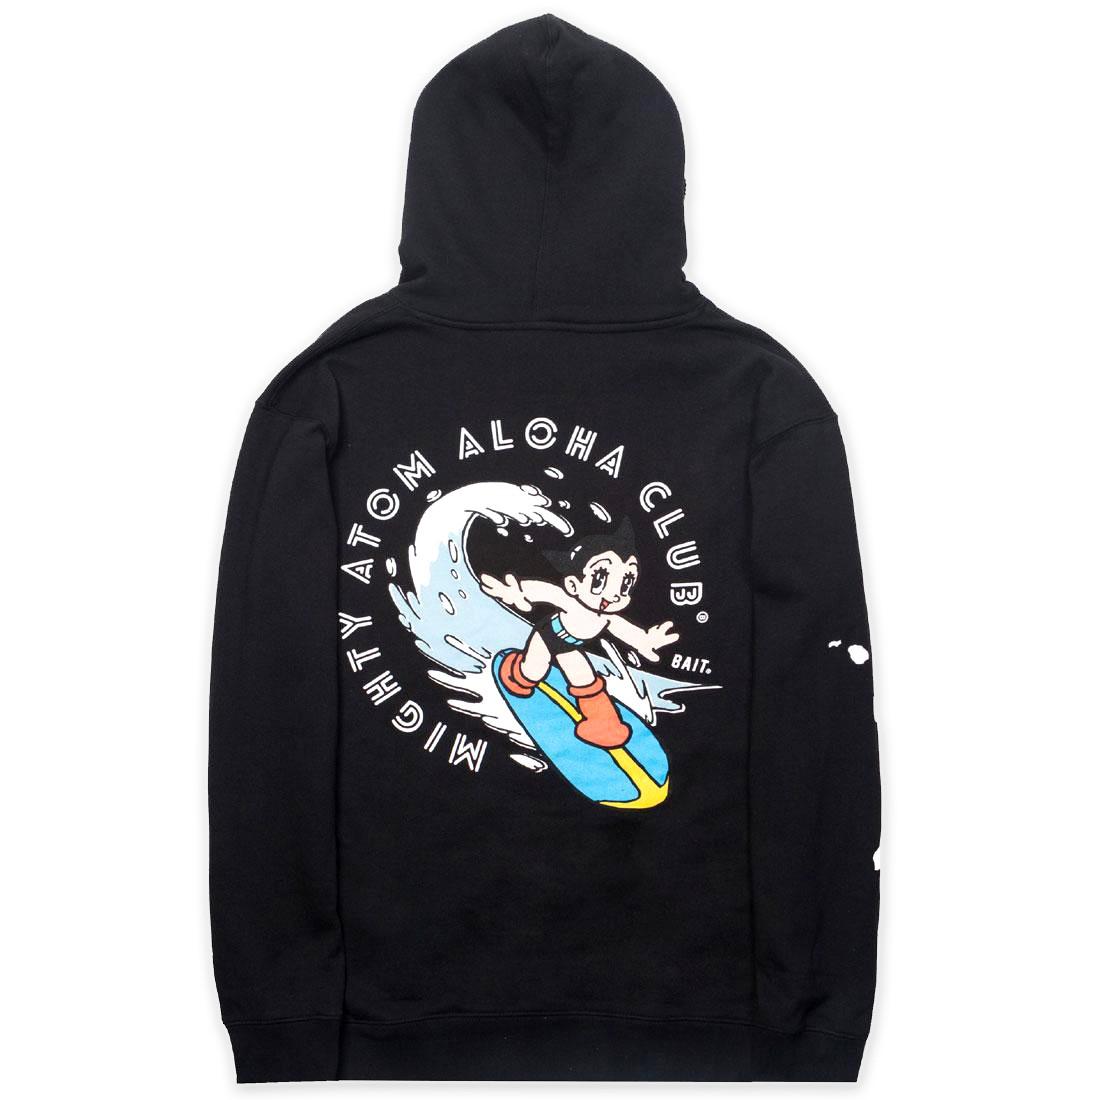 【海外限定】フーディー パーカー トップス 【 BAIT X ASTRO BOY MEN ALOHA SURF HOODY BLACK 】